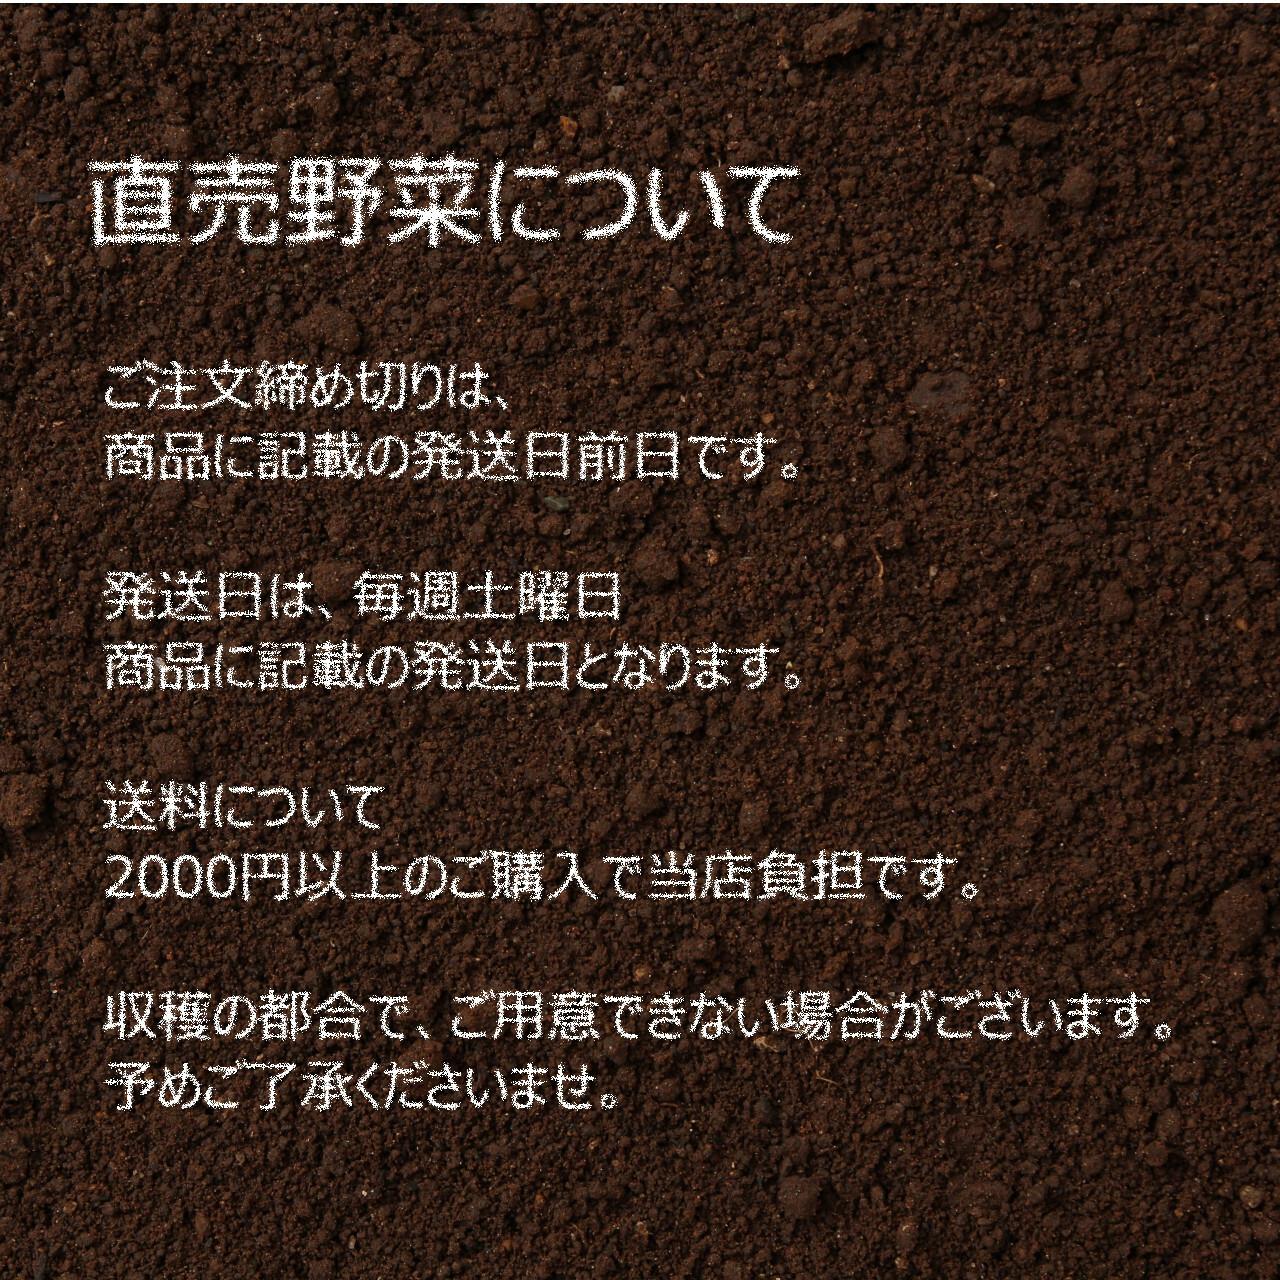 5月の朝採り直売野菜:大根菜 約300g 春の新鮮野菜 5月16日発送予定